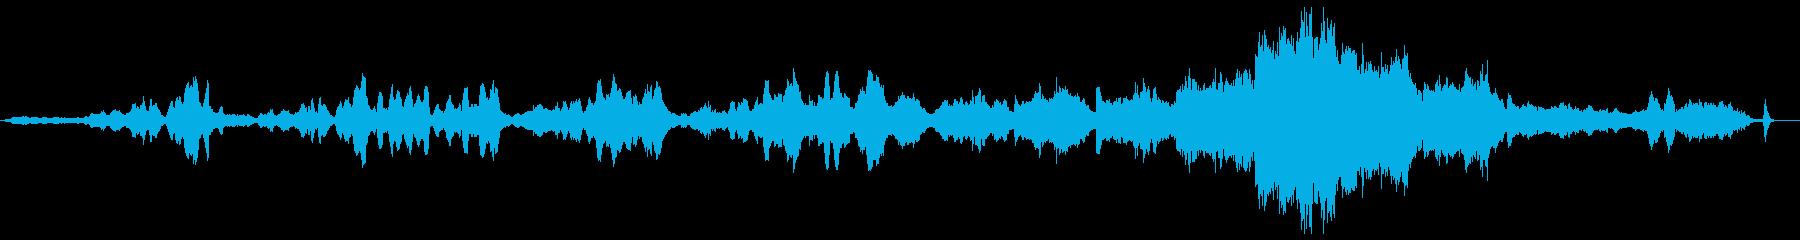 カルメンの間奏曲の再生済みの波形